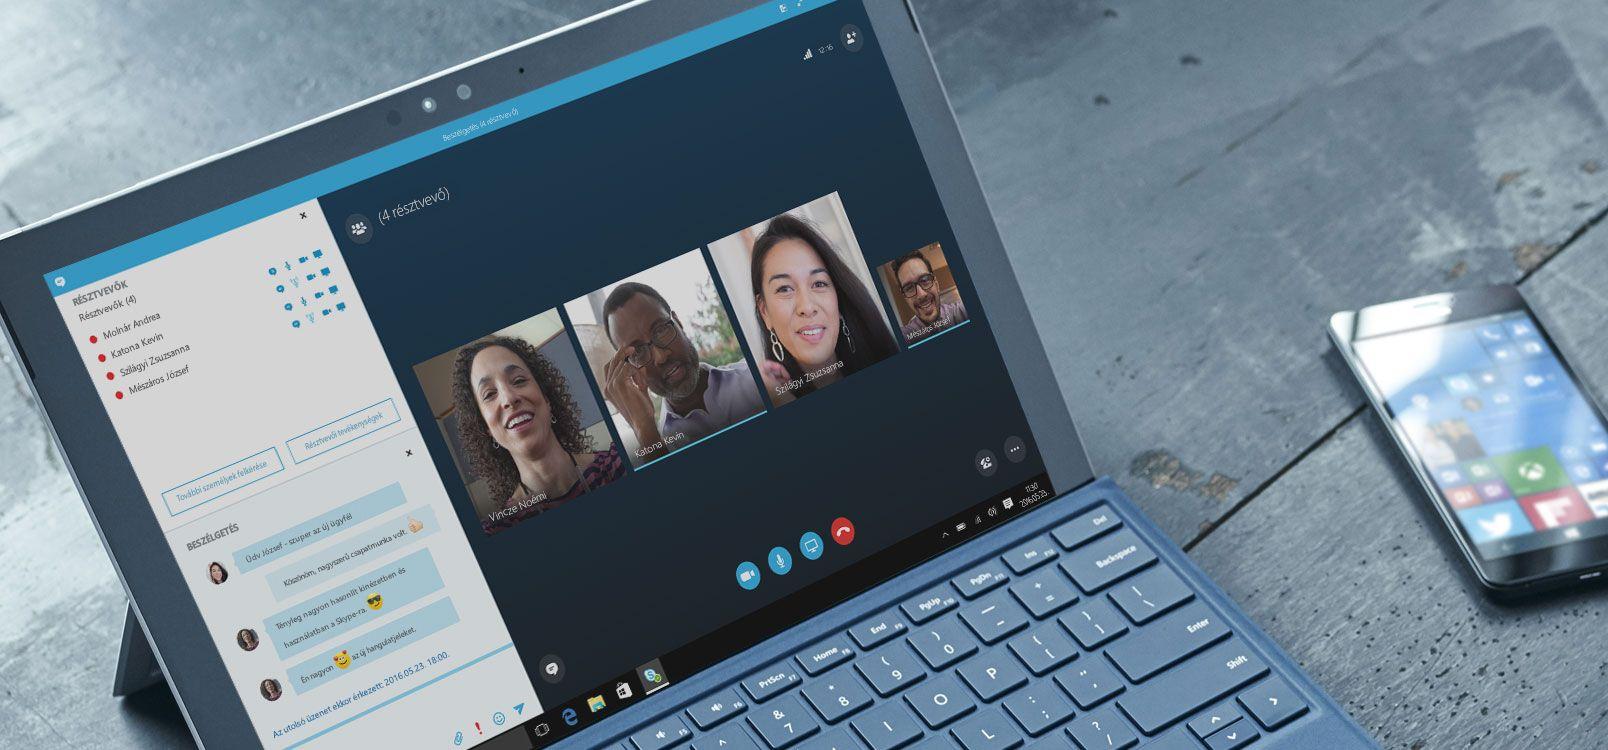 Egy nő táblagépen és okostelefonon az Office 365 segítségével másokkal közösen dolgozik a dokumentumokon.